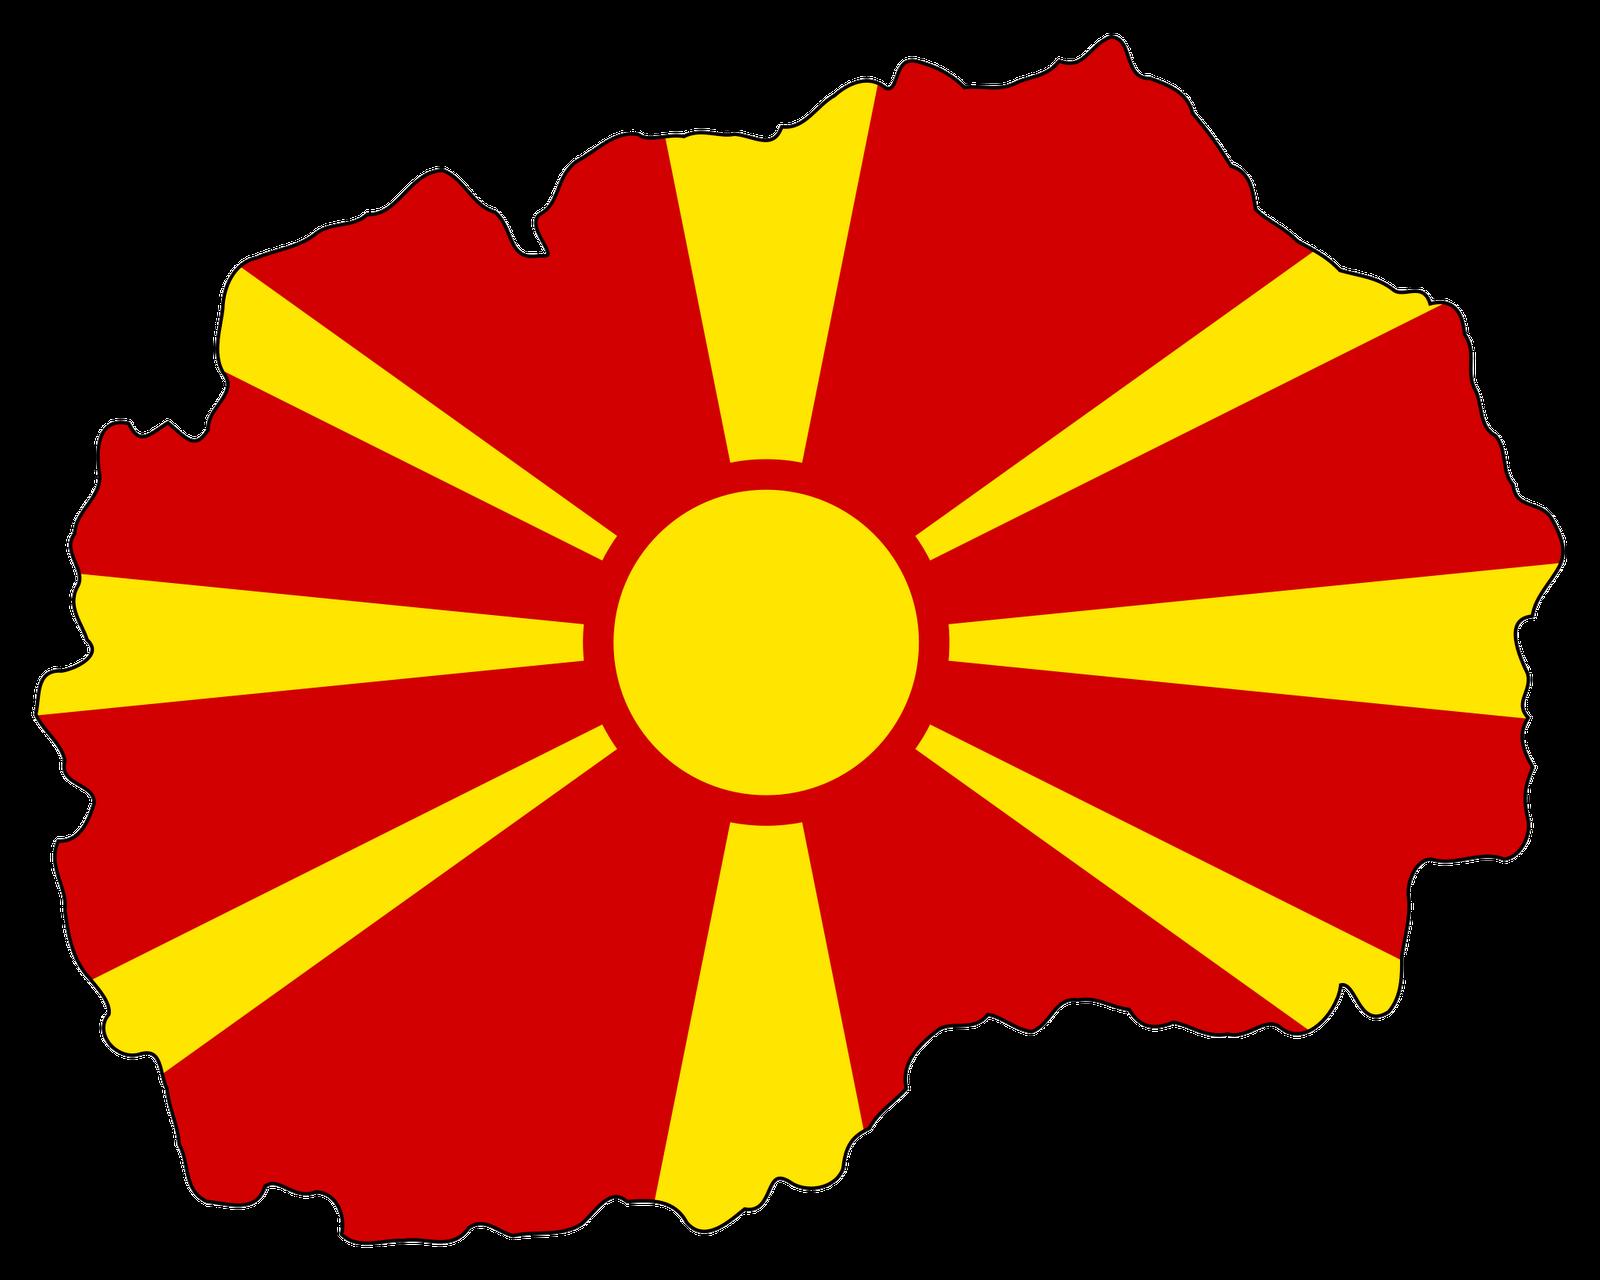 macedonia flag 071411 u00bb vector clip art free clip art images Shoe Sole Clip Art Shoe Sole Clip Art